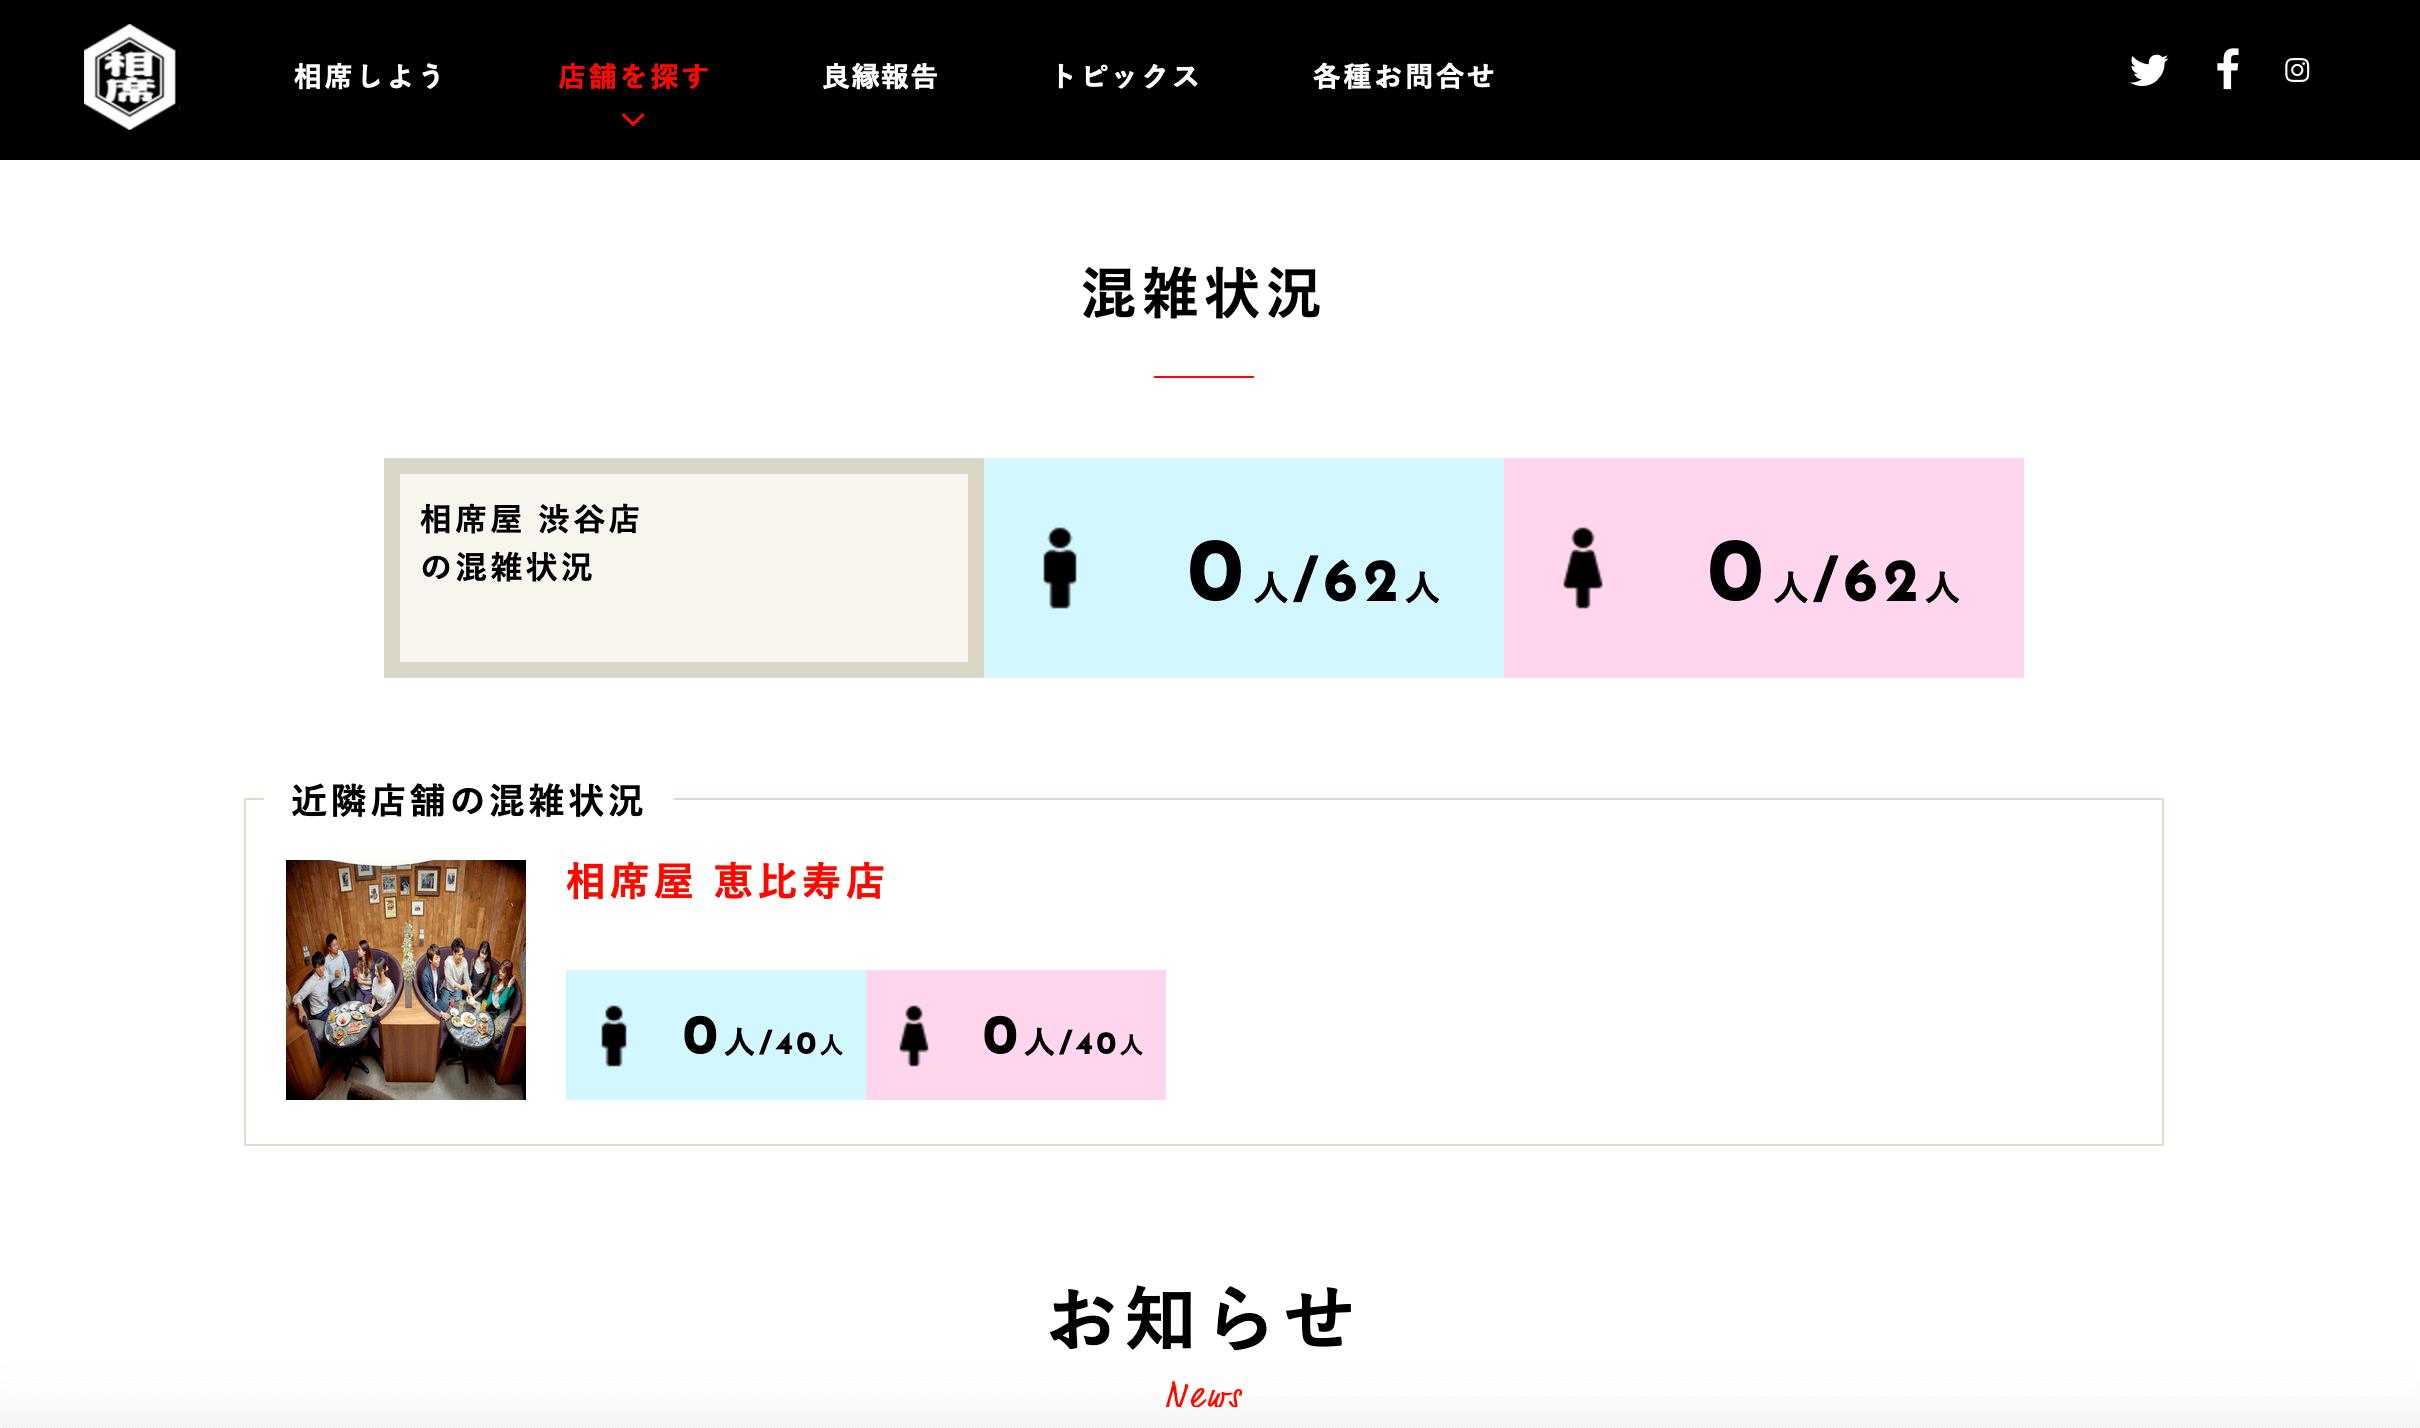 ナンパ 渋谷